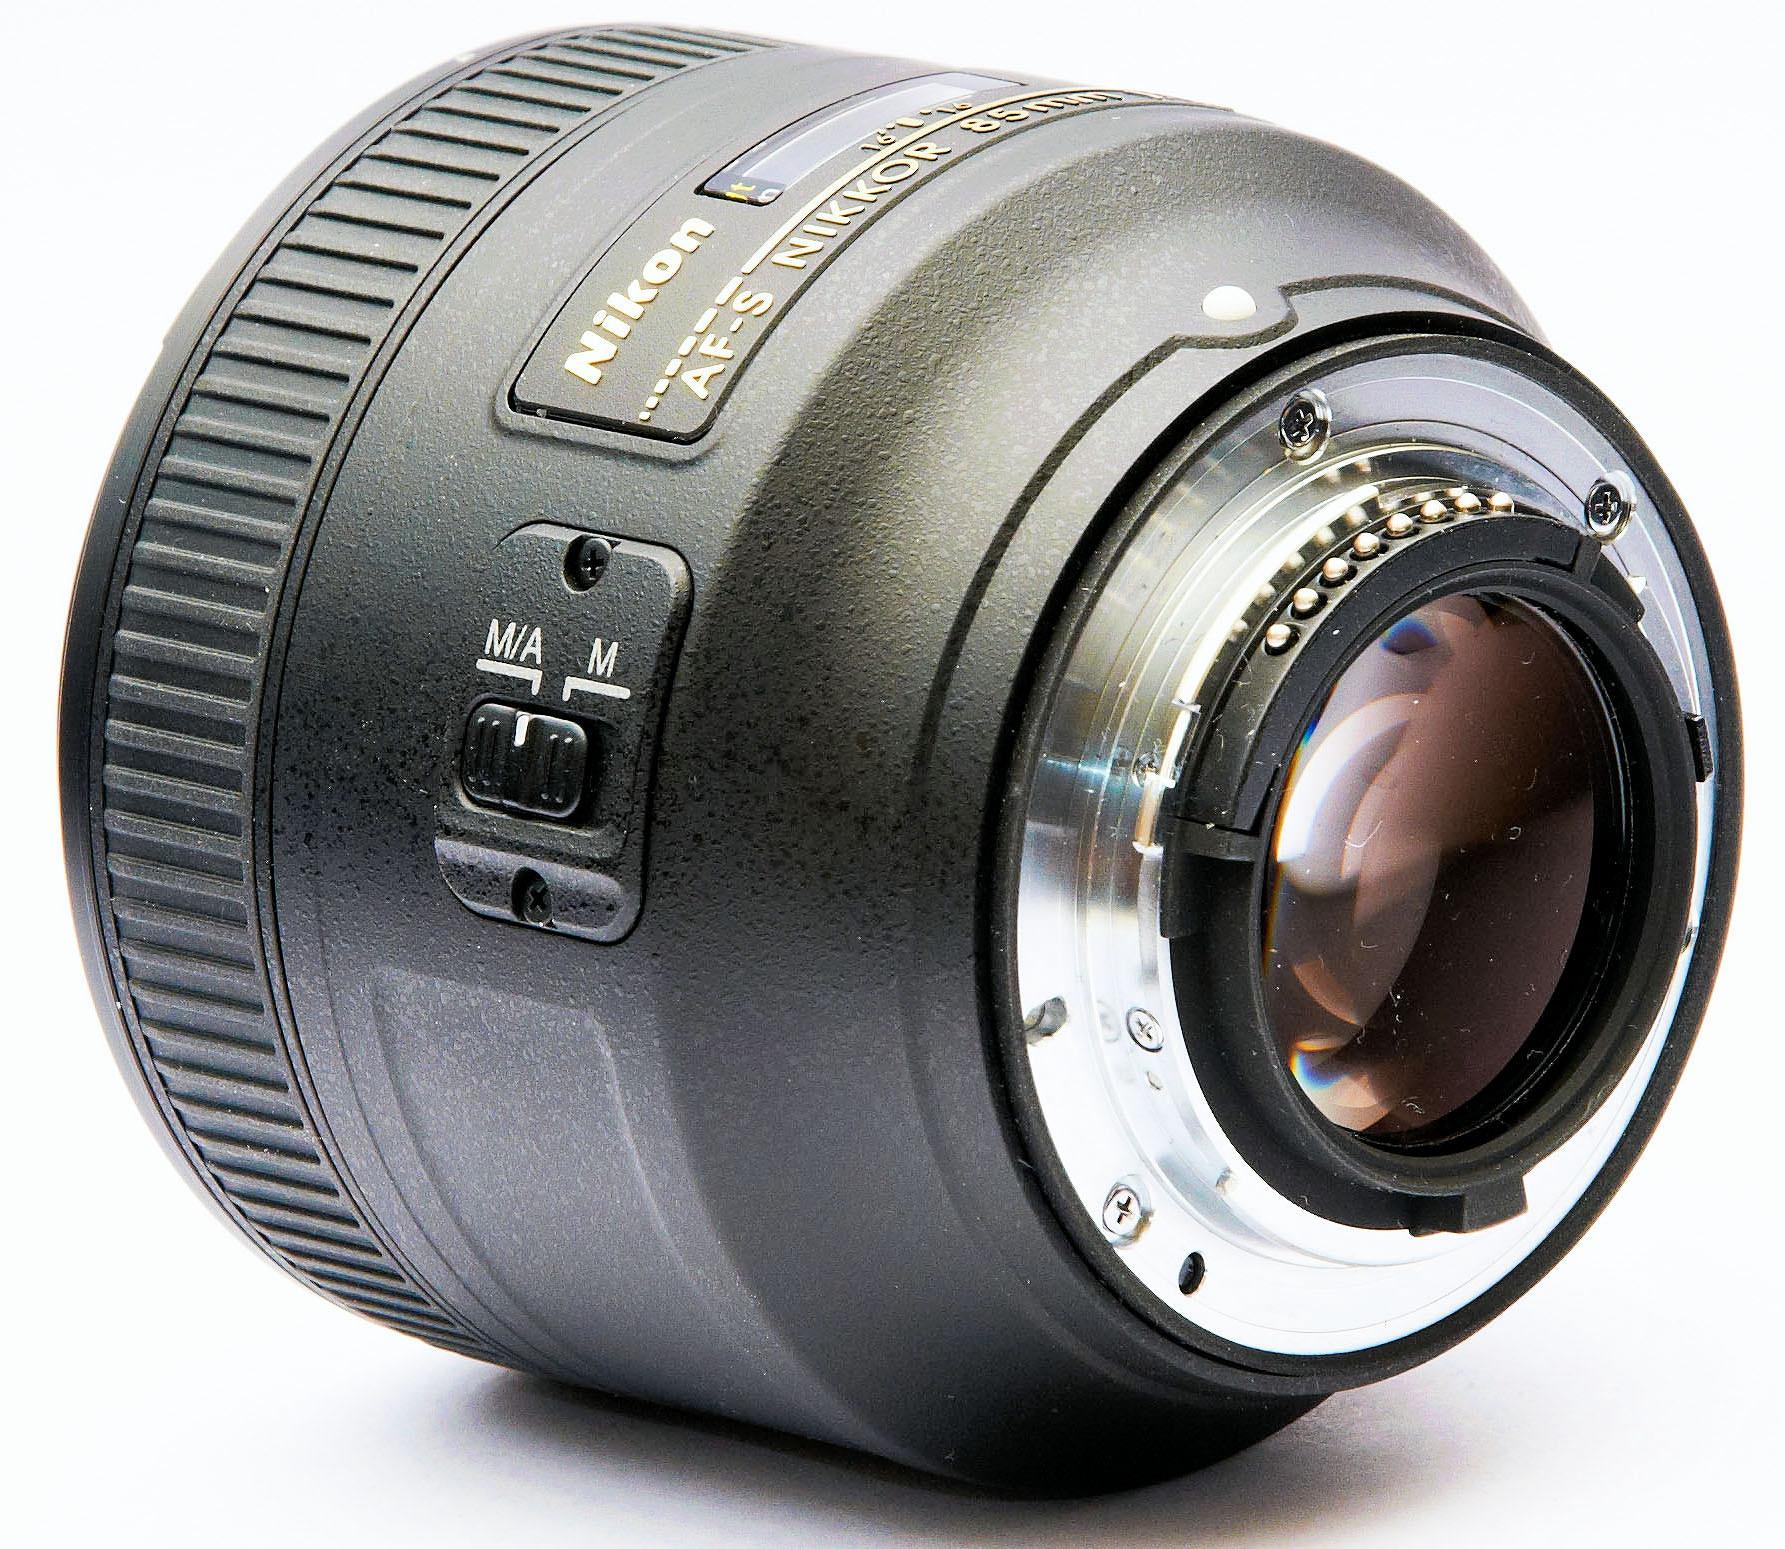 Why No Nikon F12 G Lenses Slr Lens Talk Forum Digital Af 50mm F 18d Nikkor View Original Size